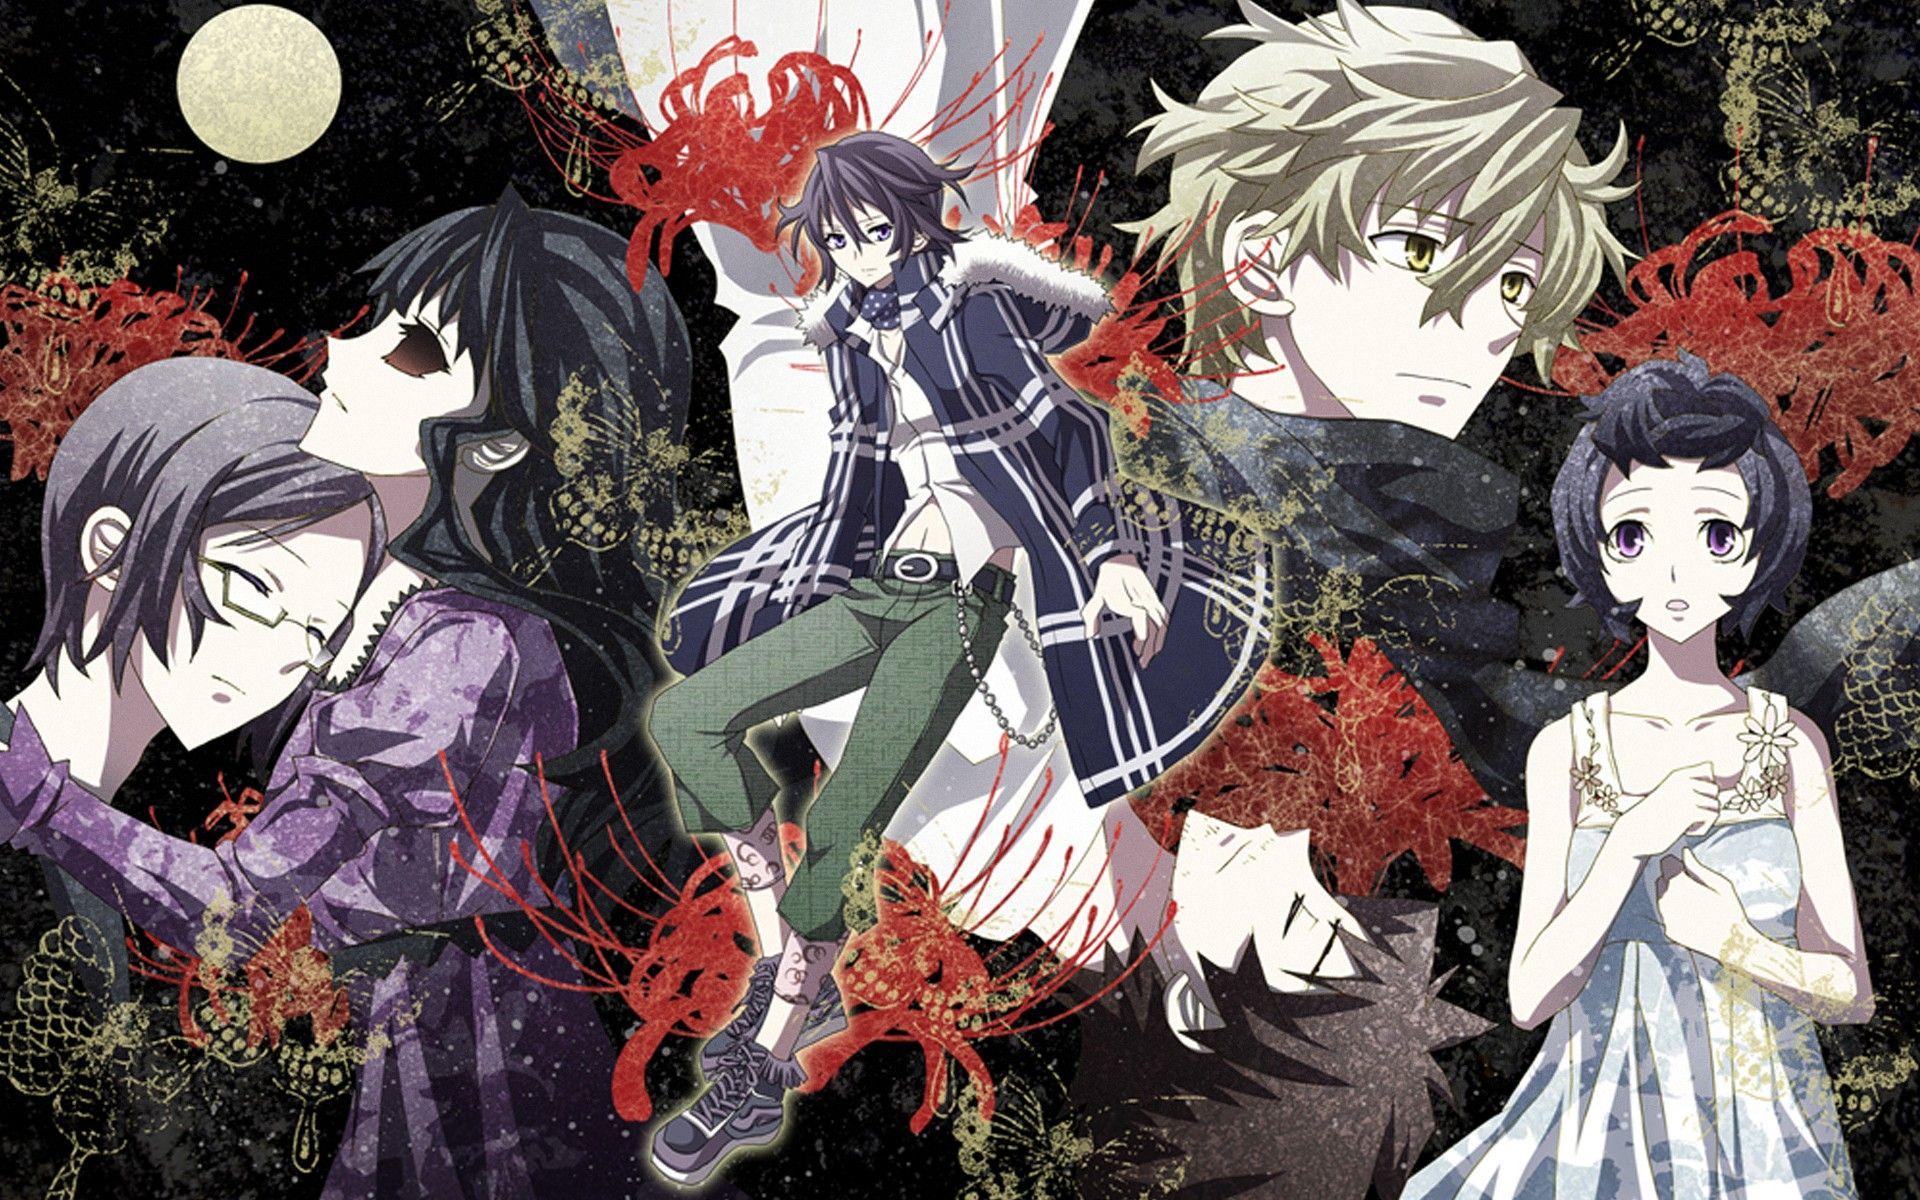 Kết quả hình ảnh cho Shiki anime